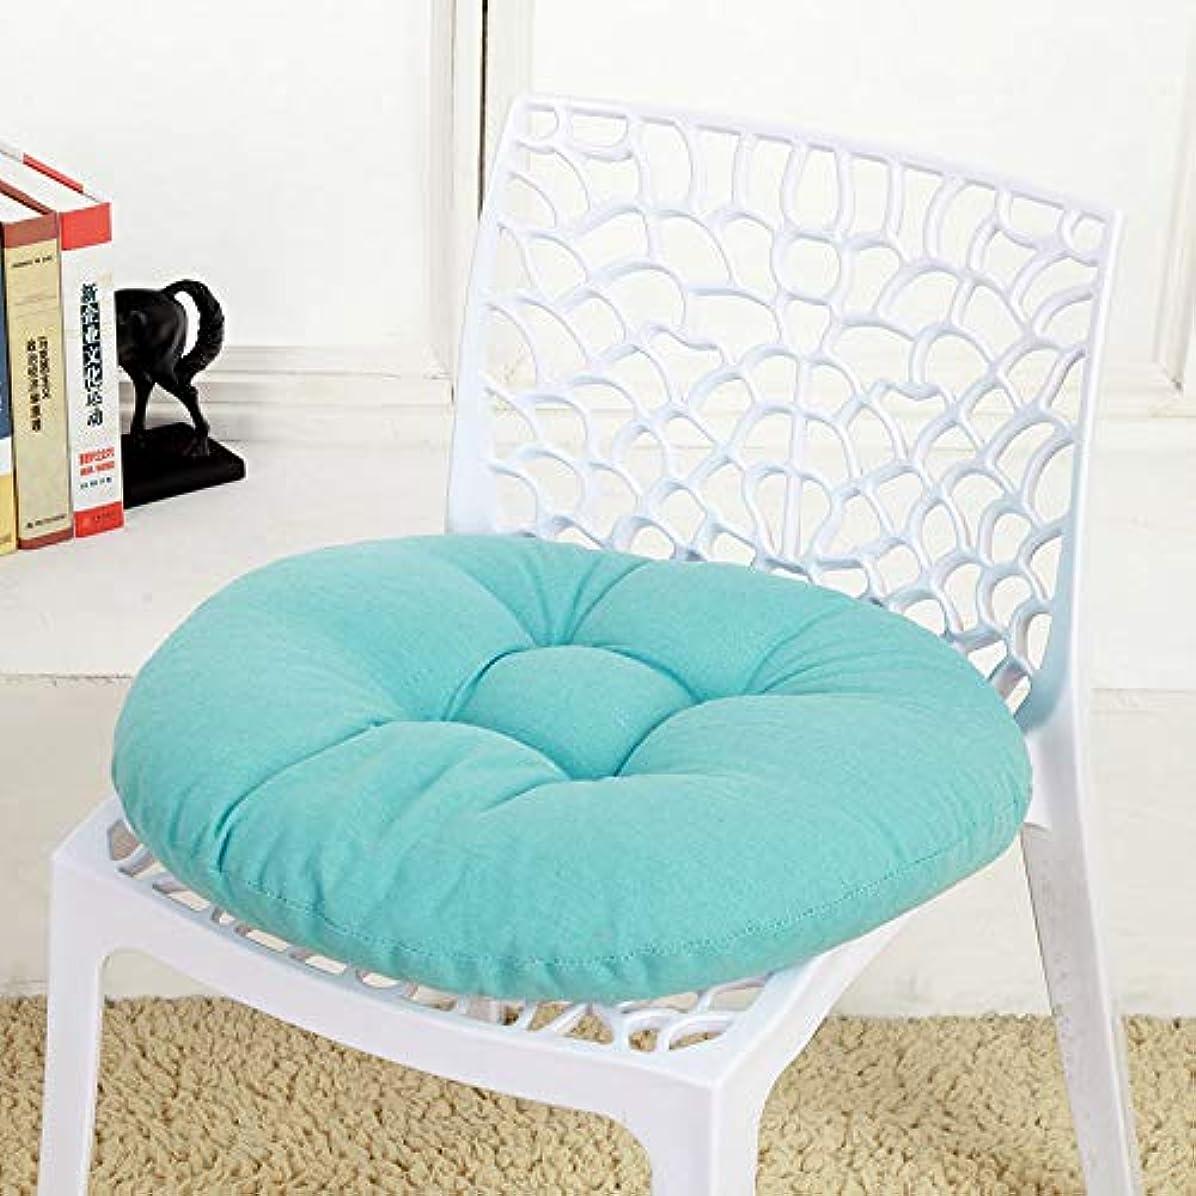 しみ衝撃年齢SMART キャンディカラーのクッションラウンドシートクッション波ウィンドウシートクッションクッション家の装飾パッドラウンド枕シート枕椅子座る枕 クッション 椅子